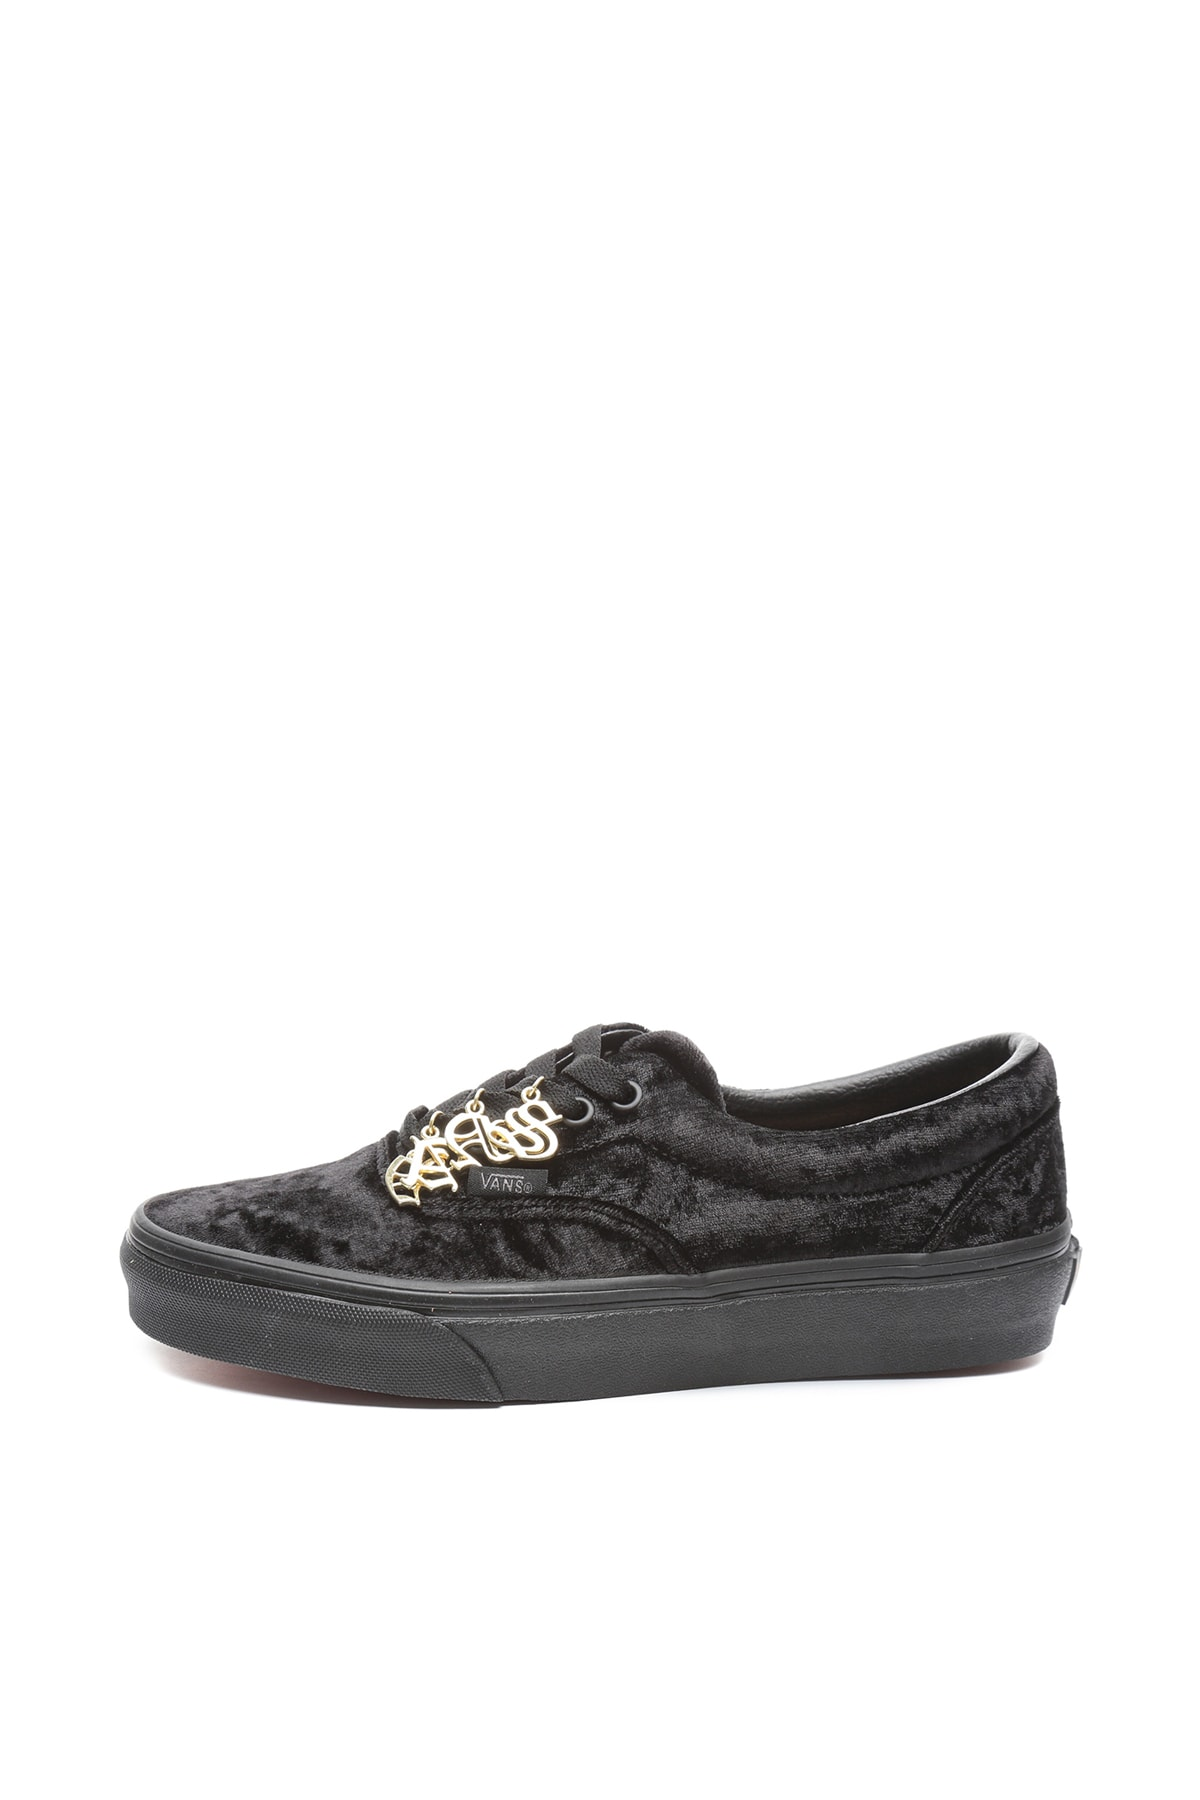 Vans Unisex Sneaker -  Ua Era  - 0A4BV4V9F1